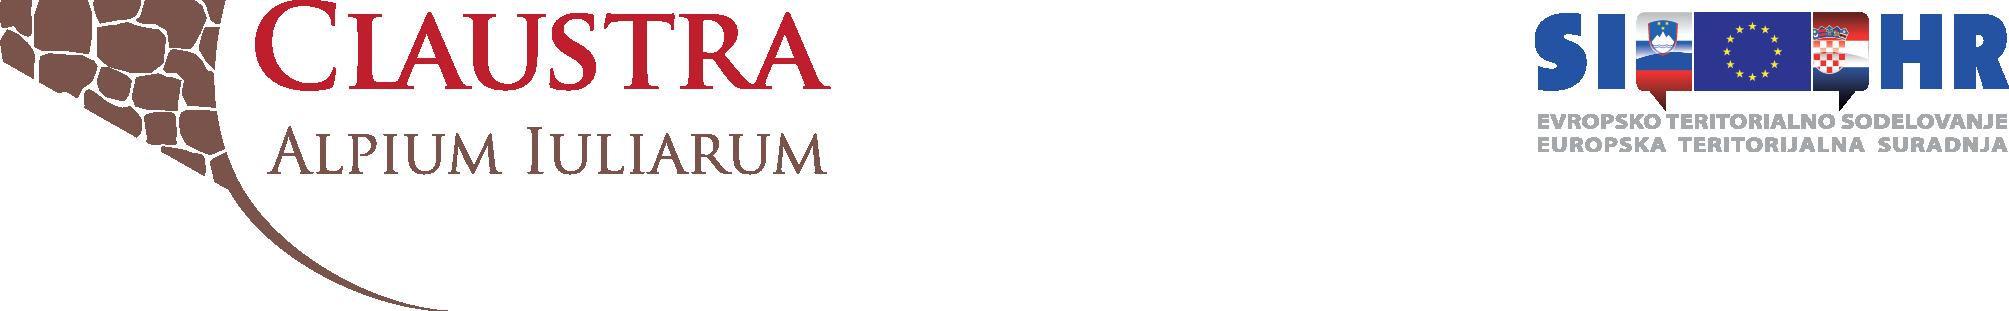 Logotipi gor_dopis